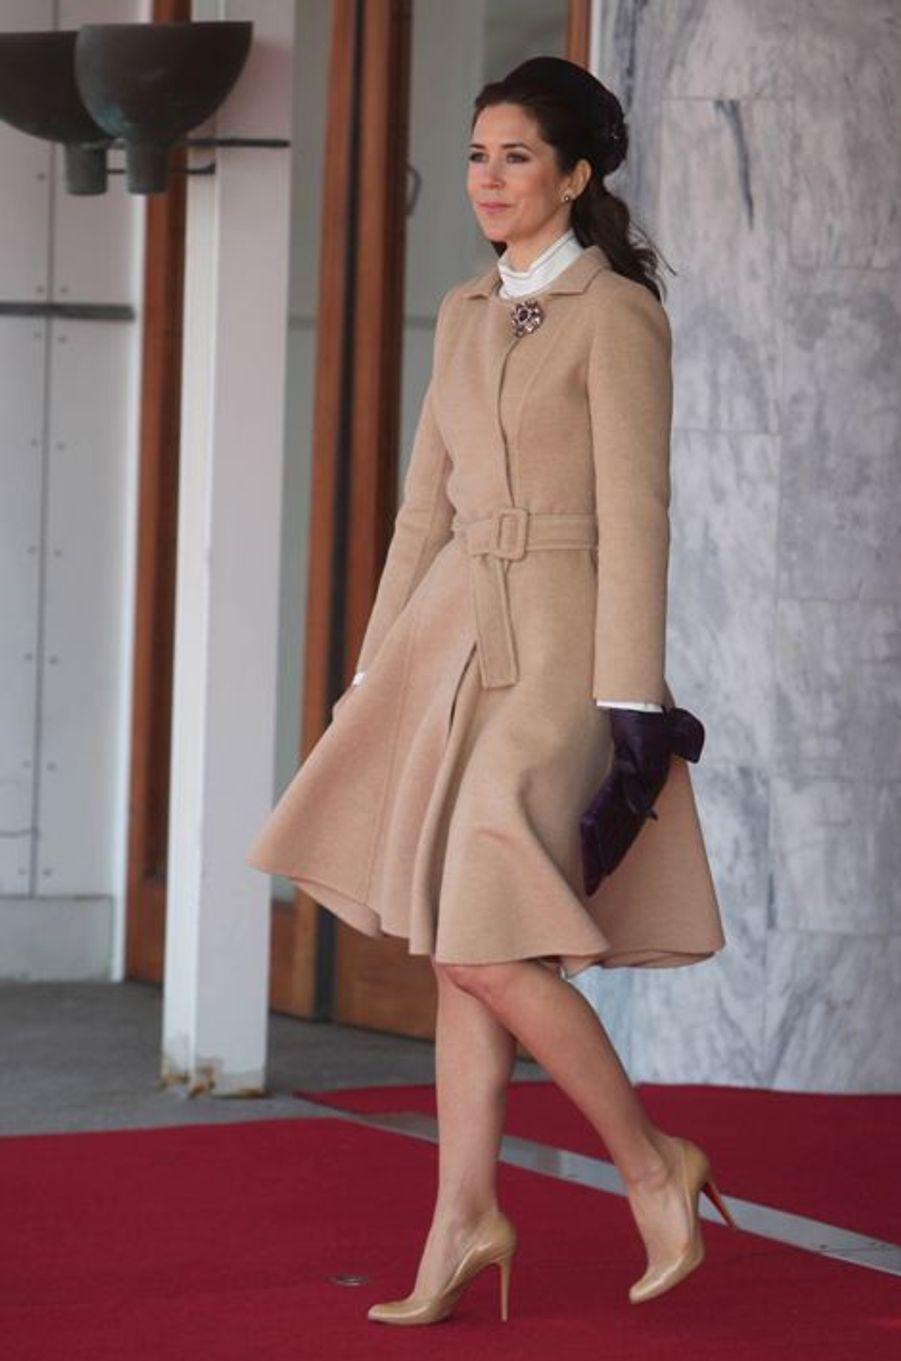 La princesse Mary de Danemark à l'aéroport de Copenhague, le 17 mars 2015